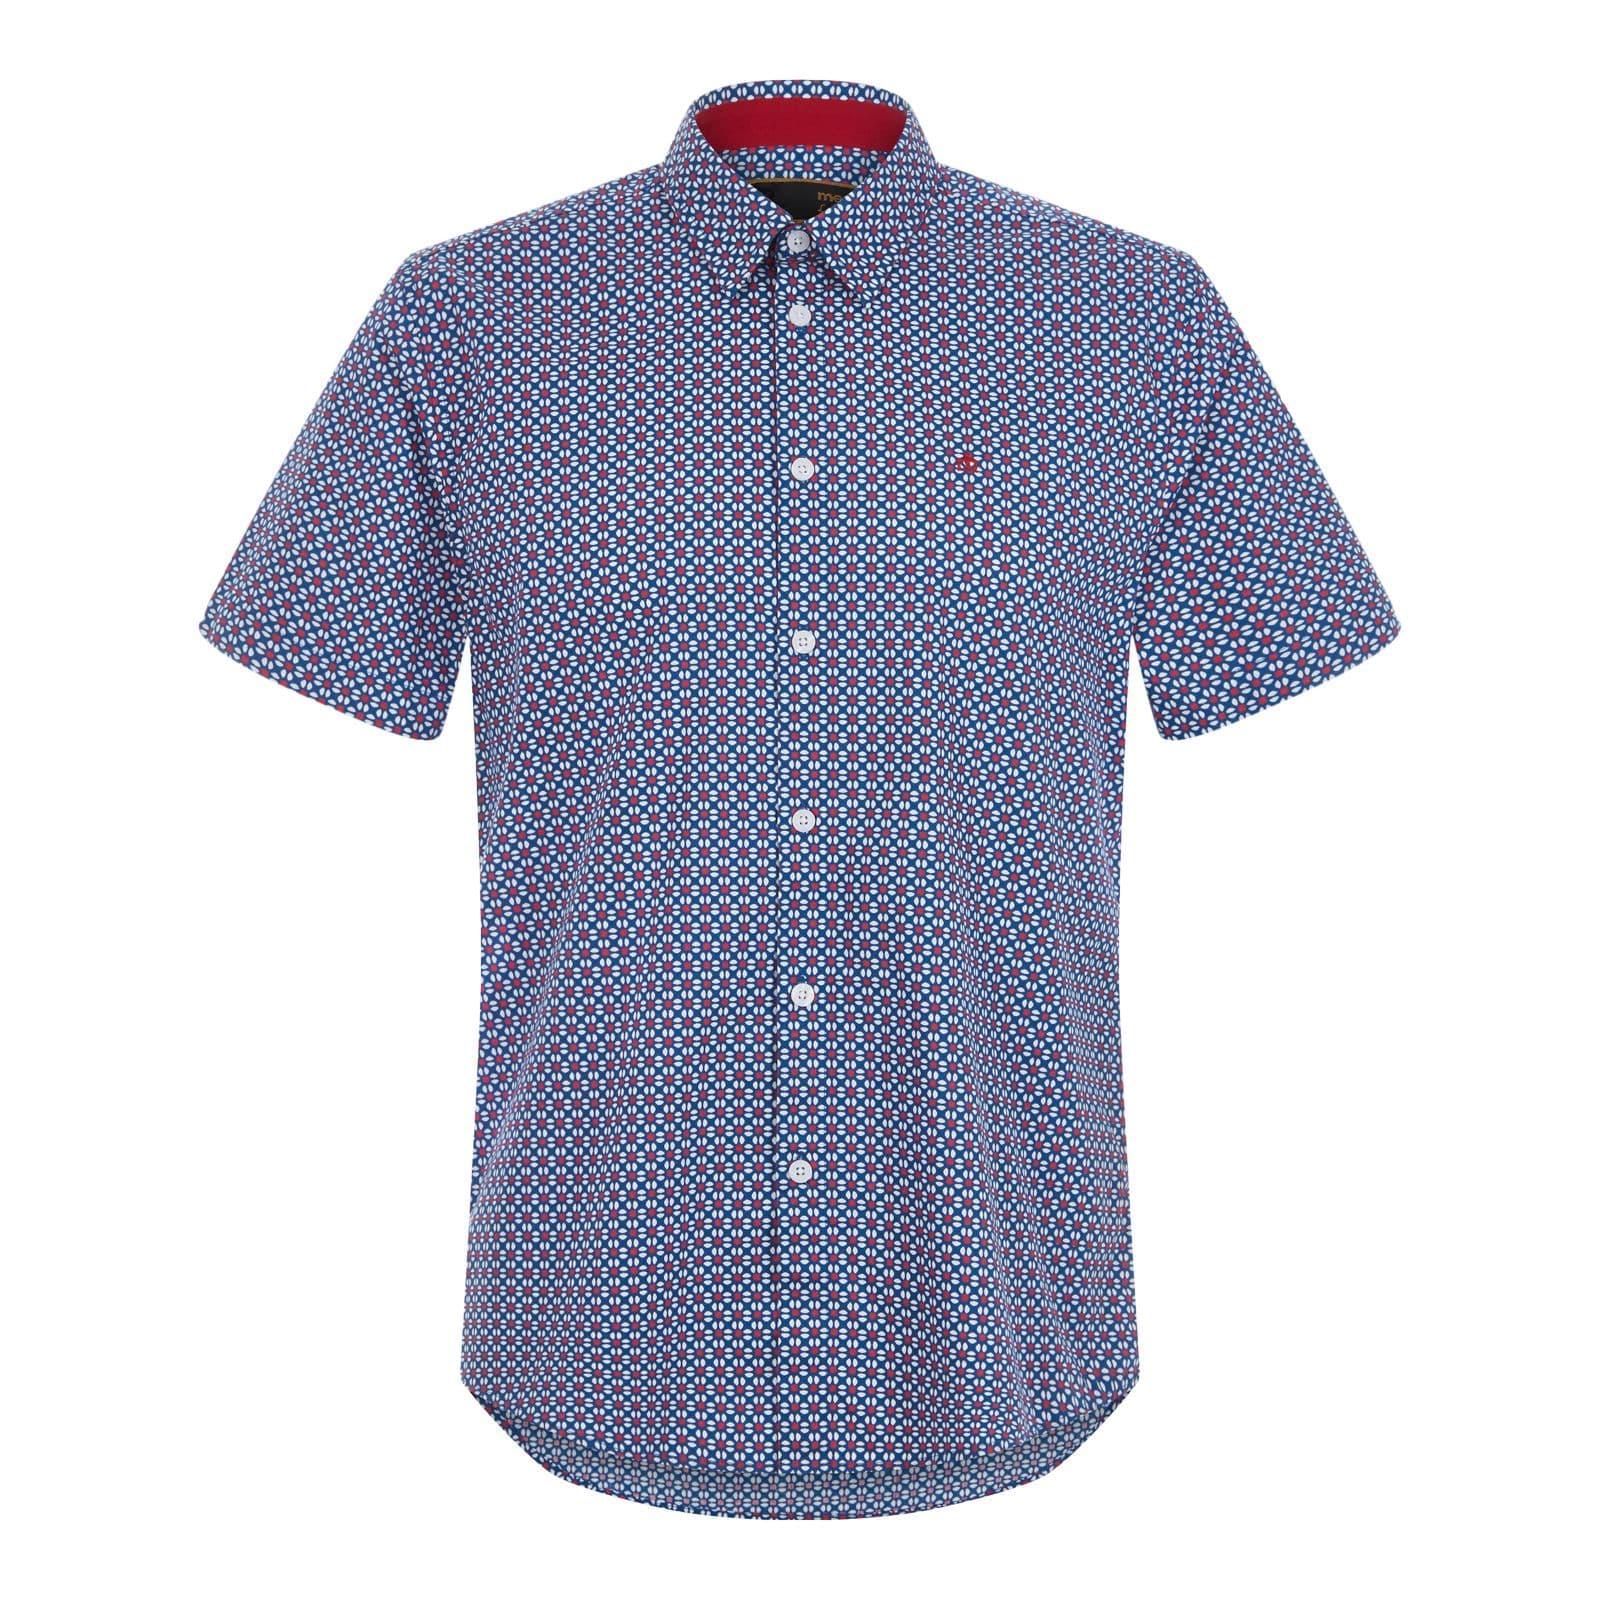 Рубашка FircroftРубашки под заказ<br>Покроя slim-fit мужская рубашка синего цвета с коротким рукавом, пошитая из высококачественной сорочечной ткани поплин. Этот плотный и одновременно «дышащий» материал долговечен, неприхотлив в уходе и обеспечивает максимальный комфорт. Красивый сплошной орнамент облекает традиционный для английской моды цветочный мотив в простую геометрическую форму, характерную для ретро стиля. Имеет классический воротник Кент и удлиненную спинку, благодаря которой не выправляется из-под брюк. Также можно носить навыпуск с чиносами или шортами. Брендирована фирменным логотипом Корона на груди.<br><br>Артикул: 1517101<br>Материал: 100% хлопок<br>Цвет: кобальт синий<br>Пол: Мужской